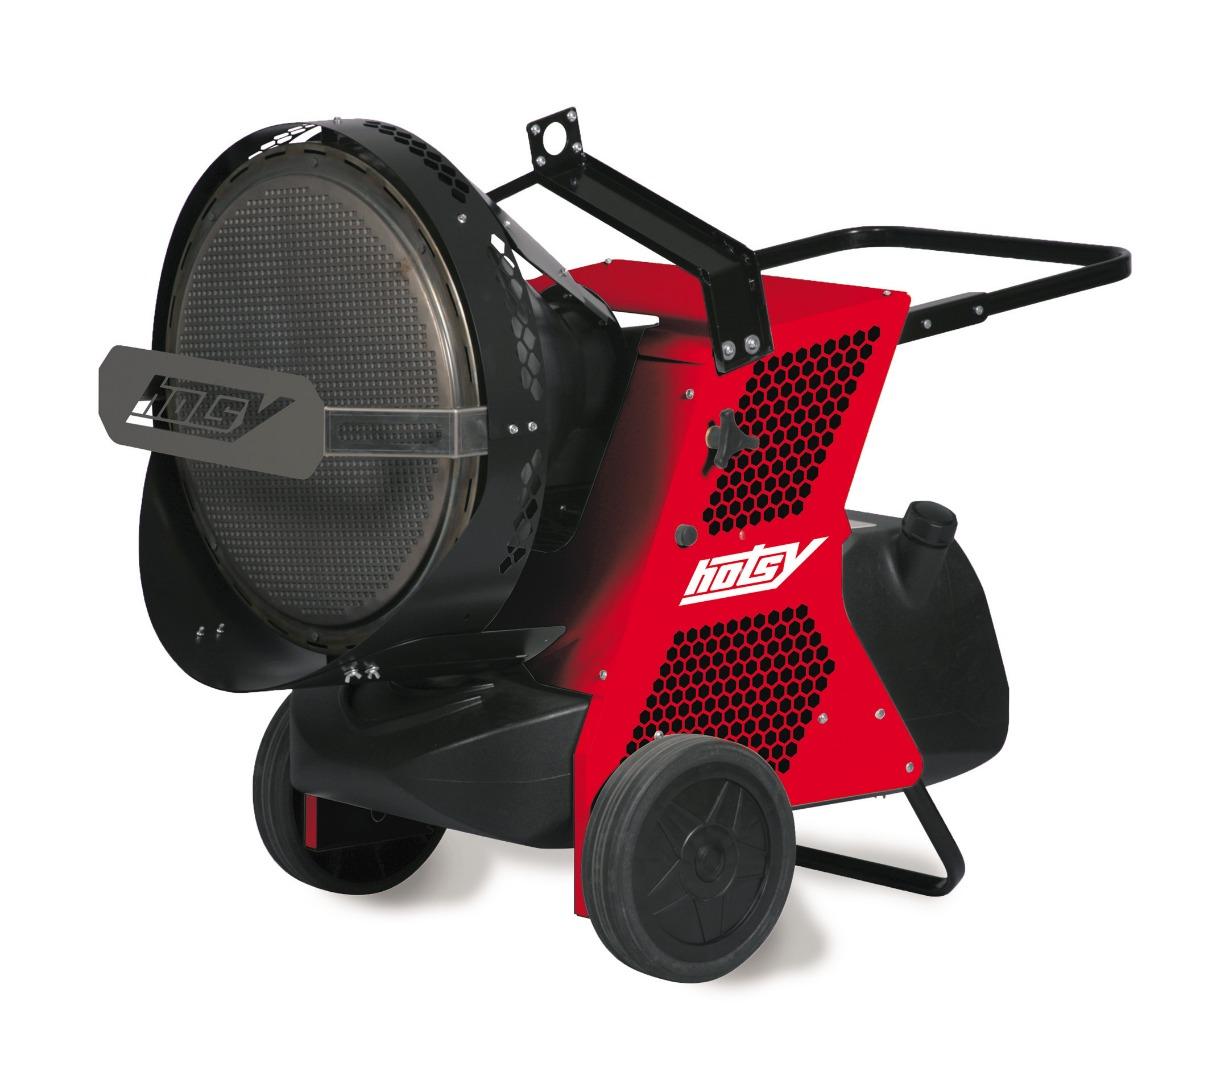 NEW Hotsy HeatMizer 155 155,000 BTU Portable Radiant ...